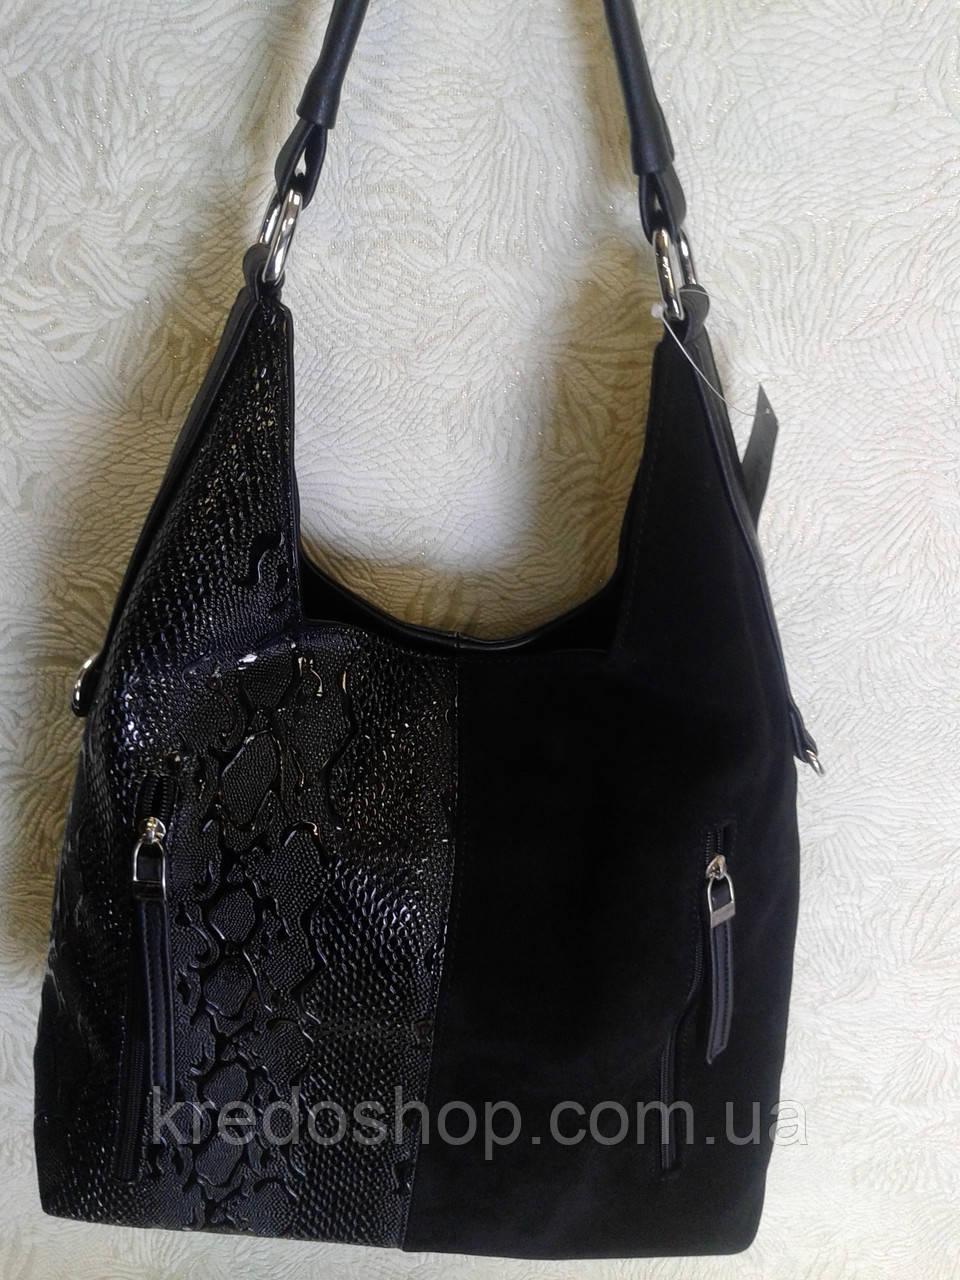 67d0a31af6ac Женская сумка замшевая черная красивая на плечо: продажа, цена в ...